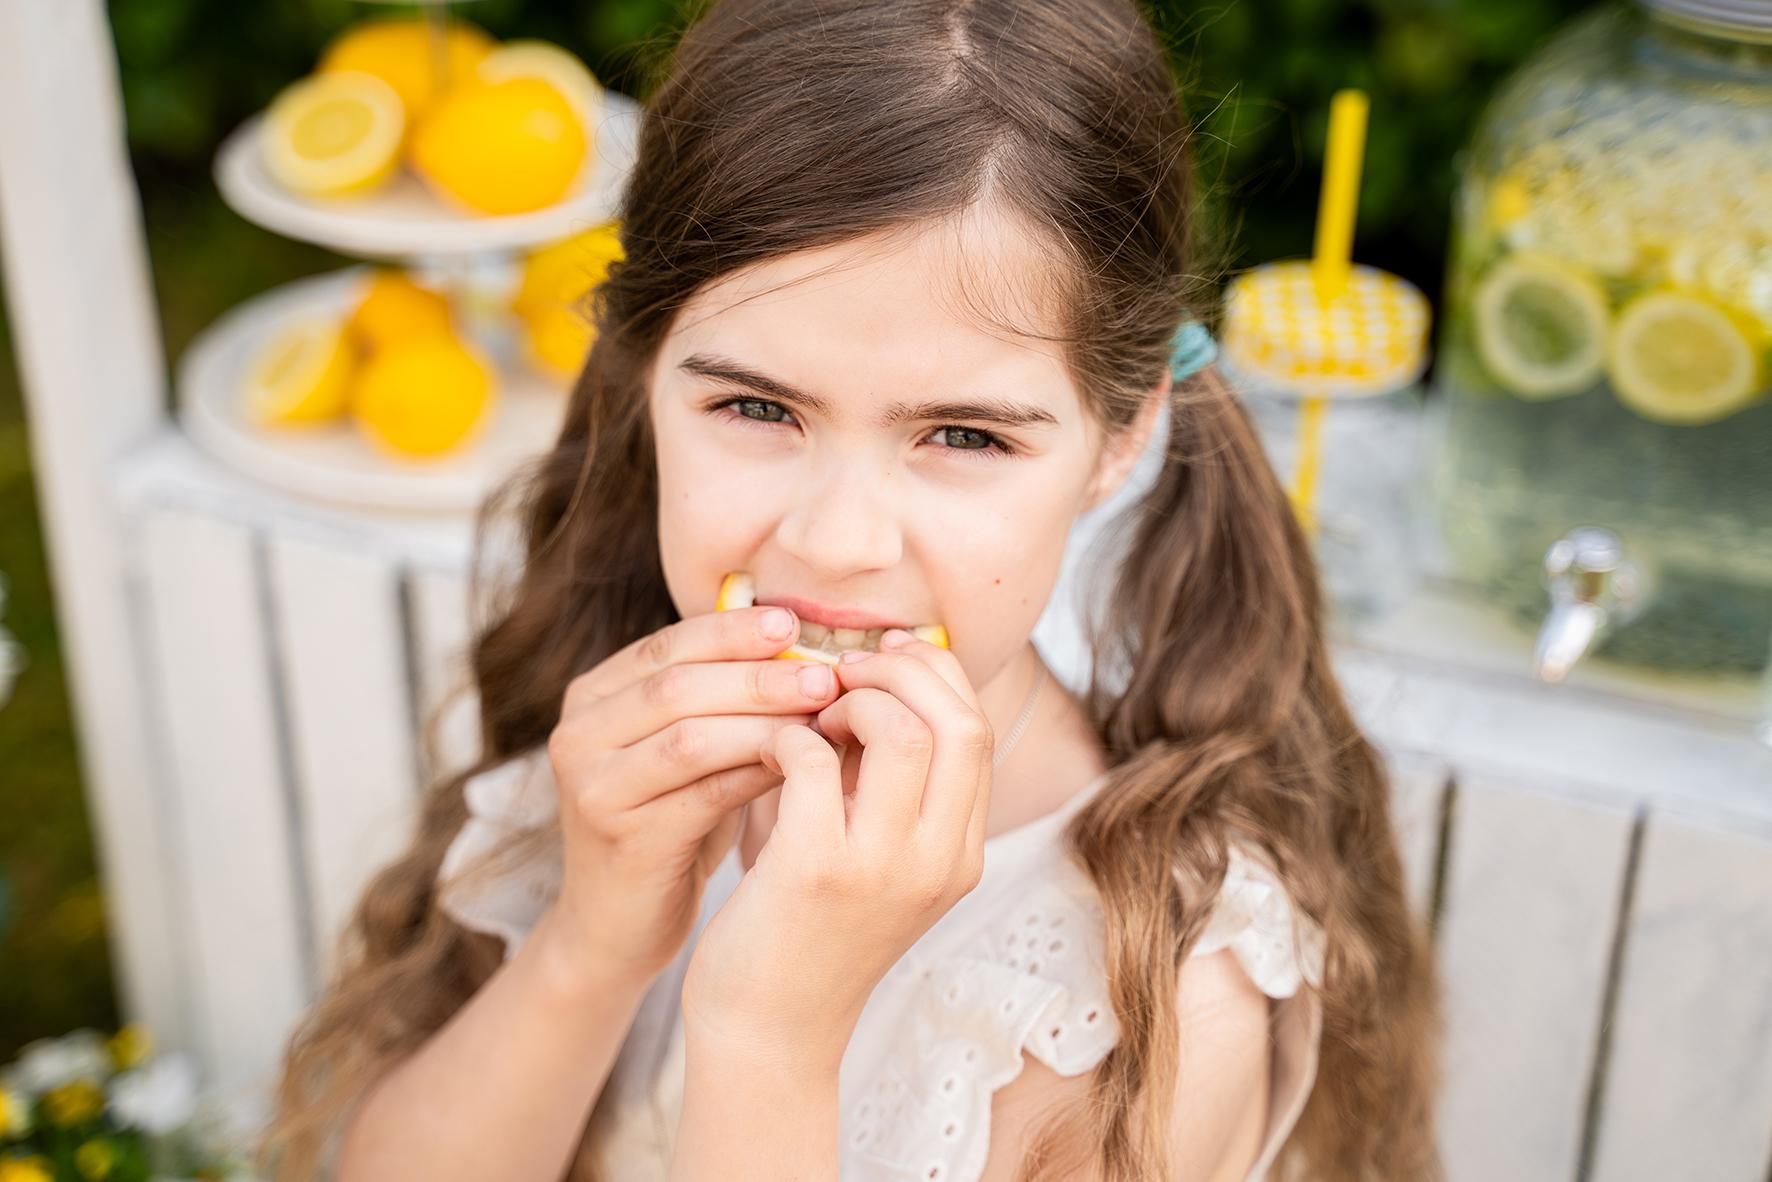 Kindershooting mit Limonadenstand in Lilienthal Fotostudio Bremen